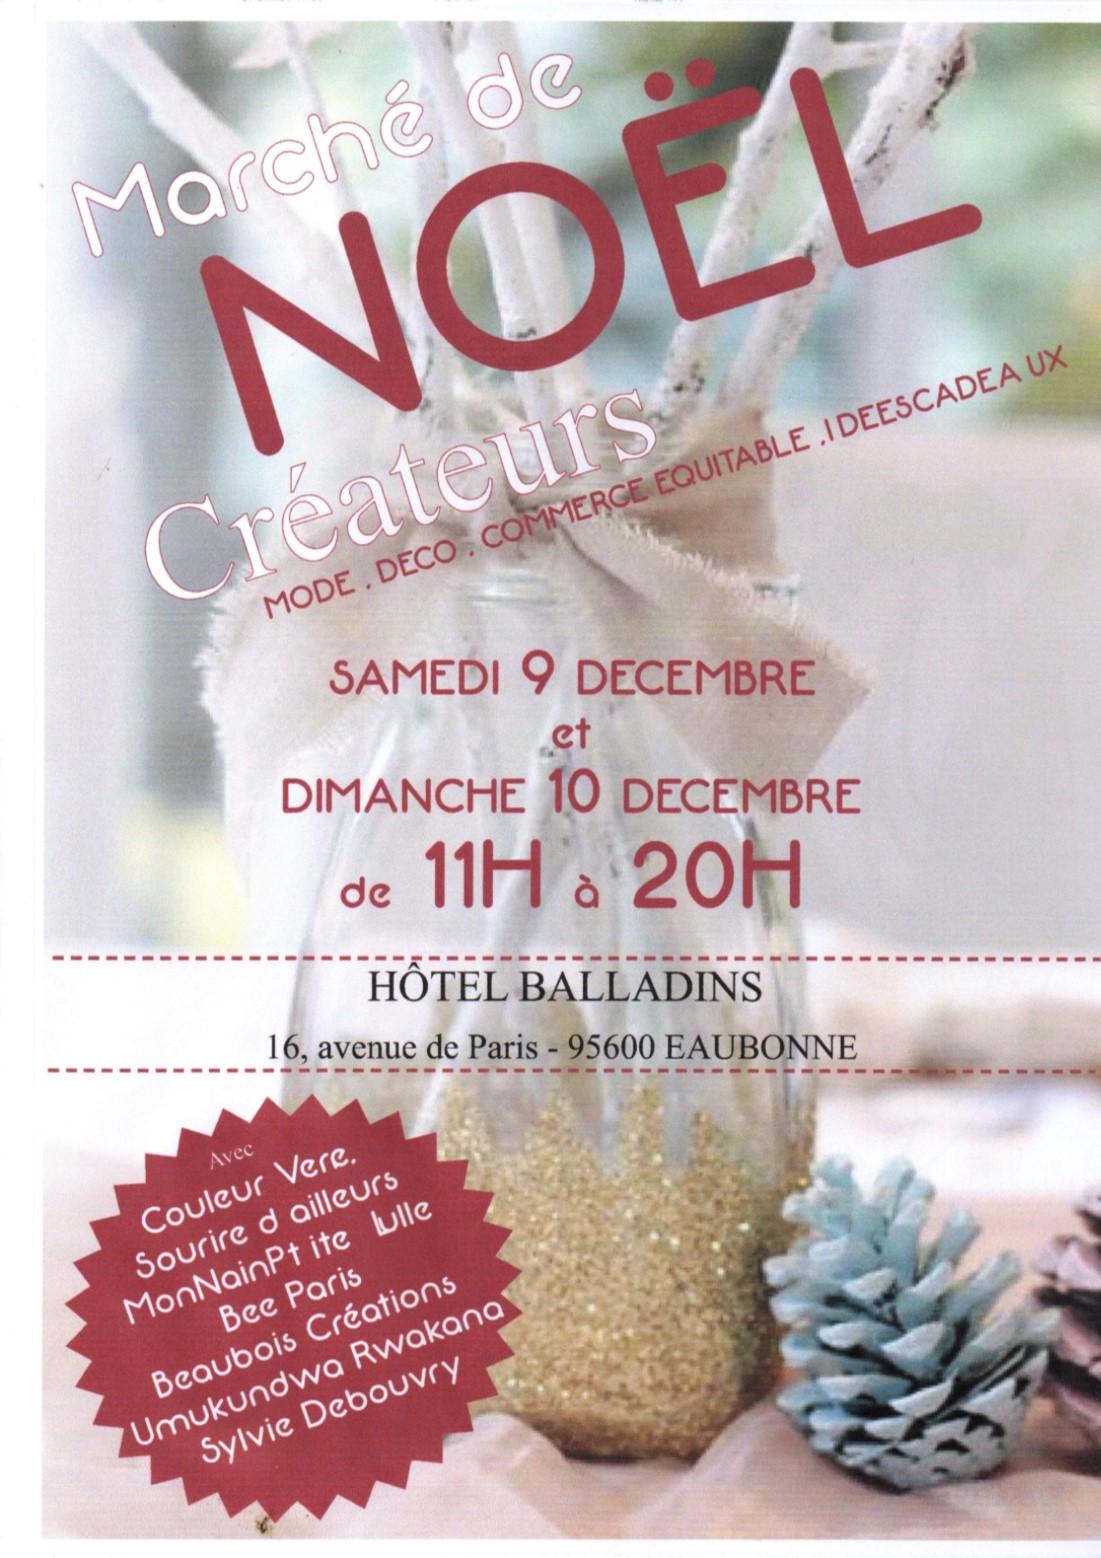 Marché de Noël Créateurs Eaubonne